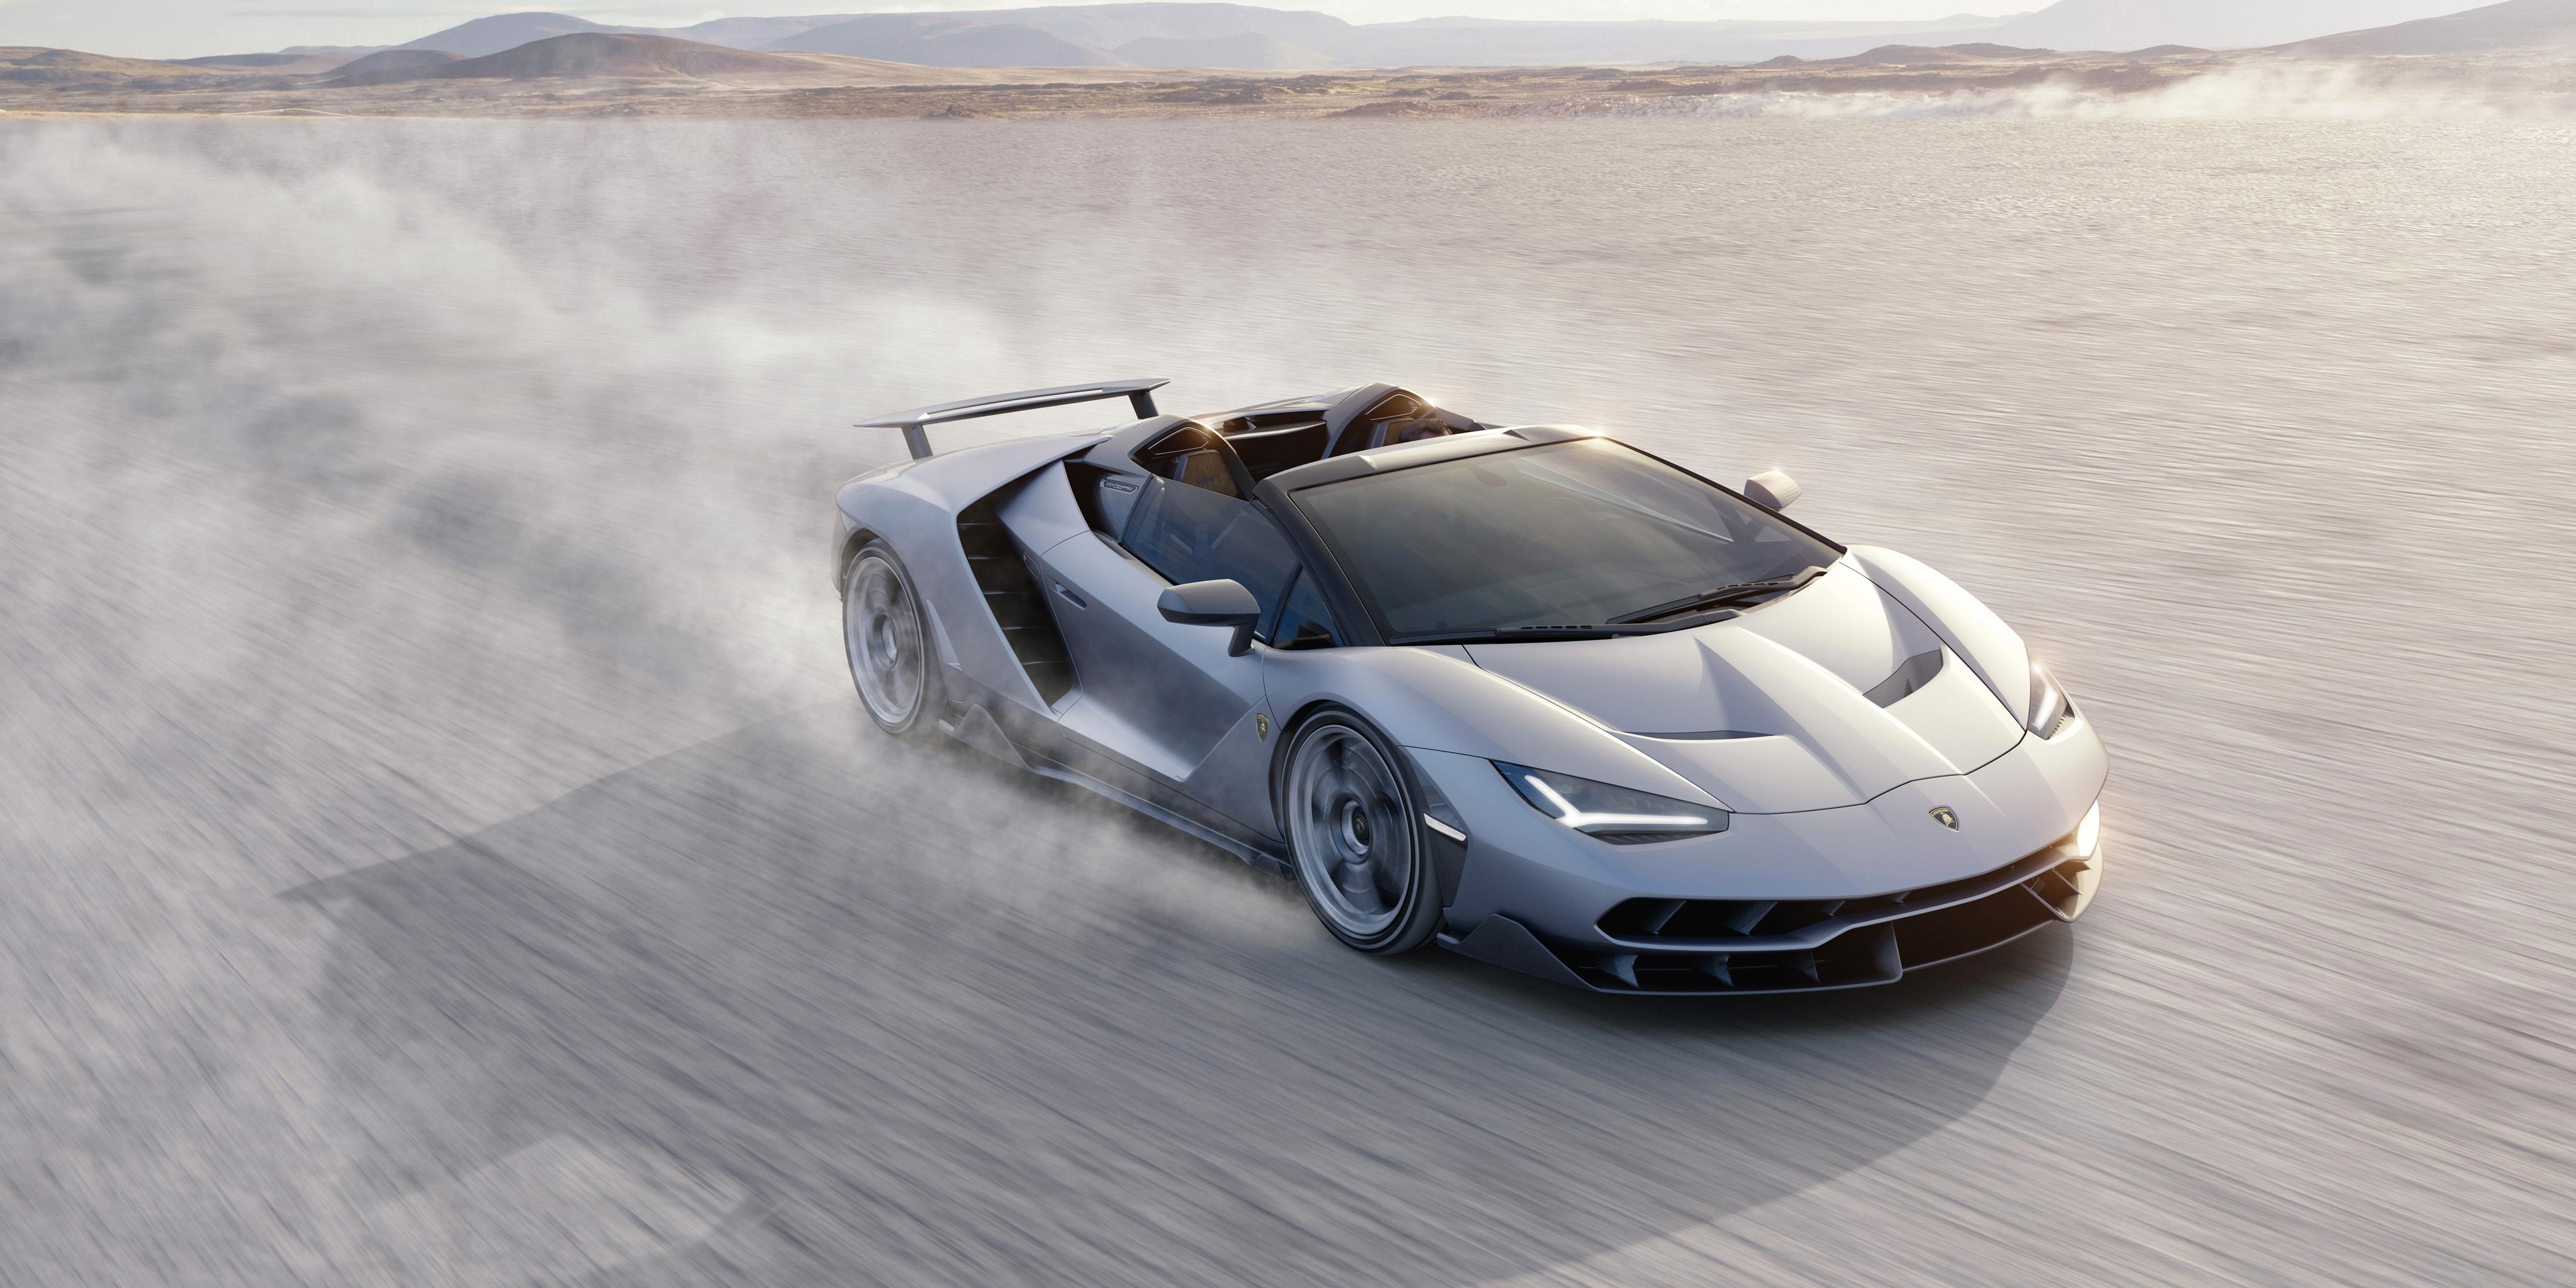 Картинки Lamborghini 2016 Centenario Roadster Родстер Роскошные Серебристый скорость машина 4096x2048 Ламборгини дорогие дорогой дорогая люксовые роскошная роскошный серебряный серебряная серебристая едет едущий едущая Движение авто машины автомобиль Автомобили